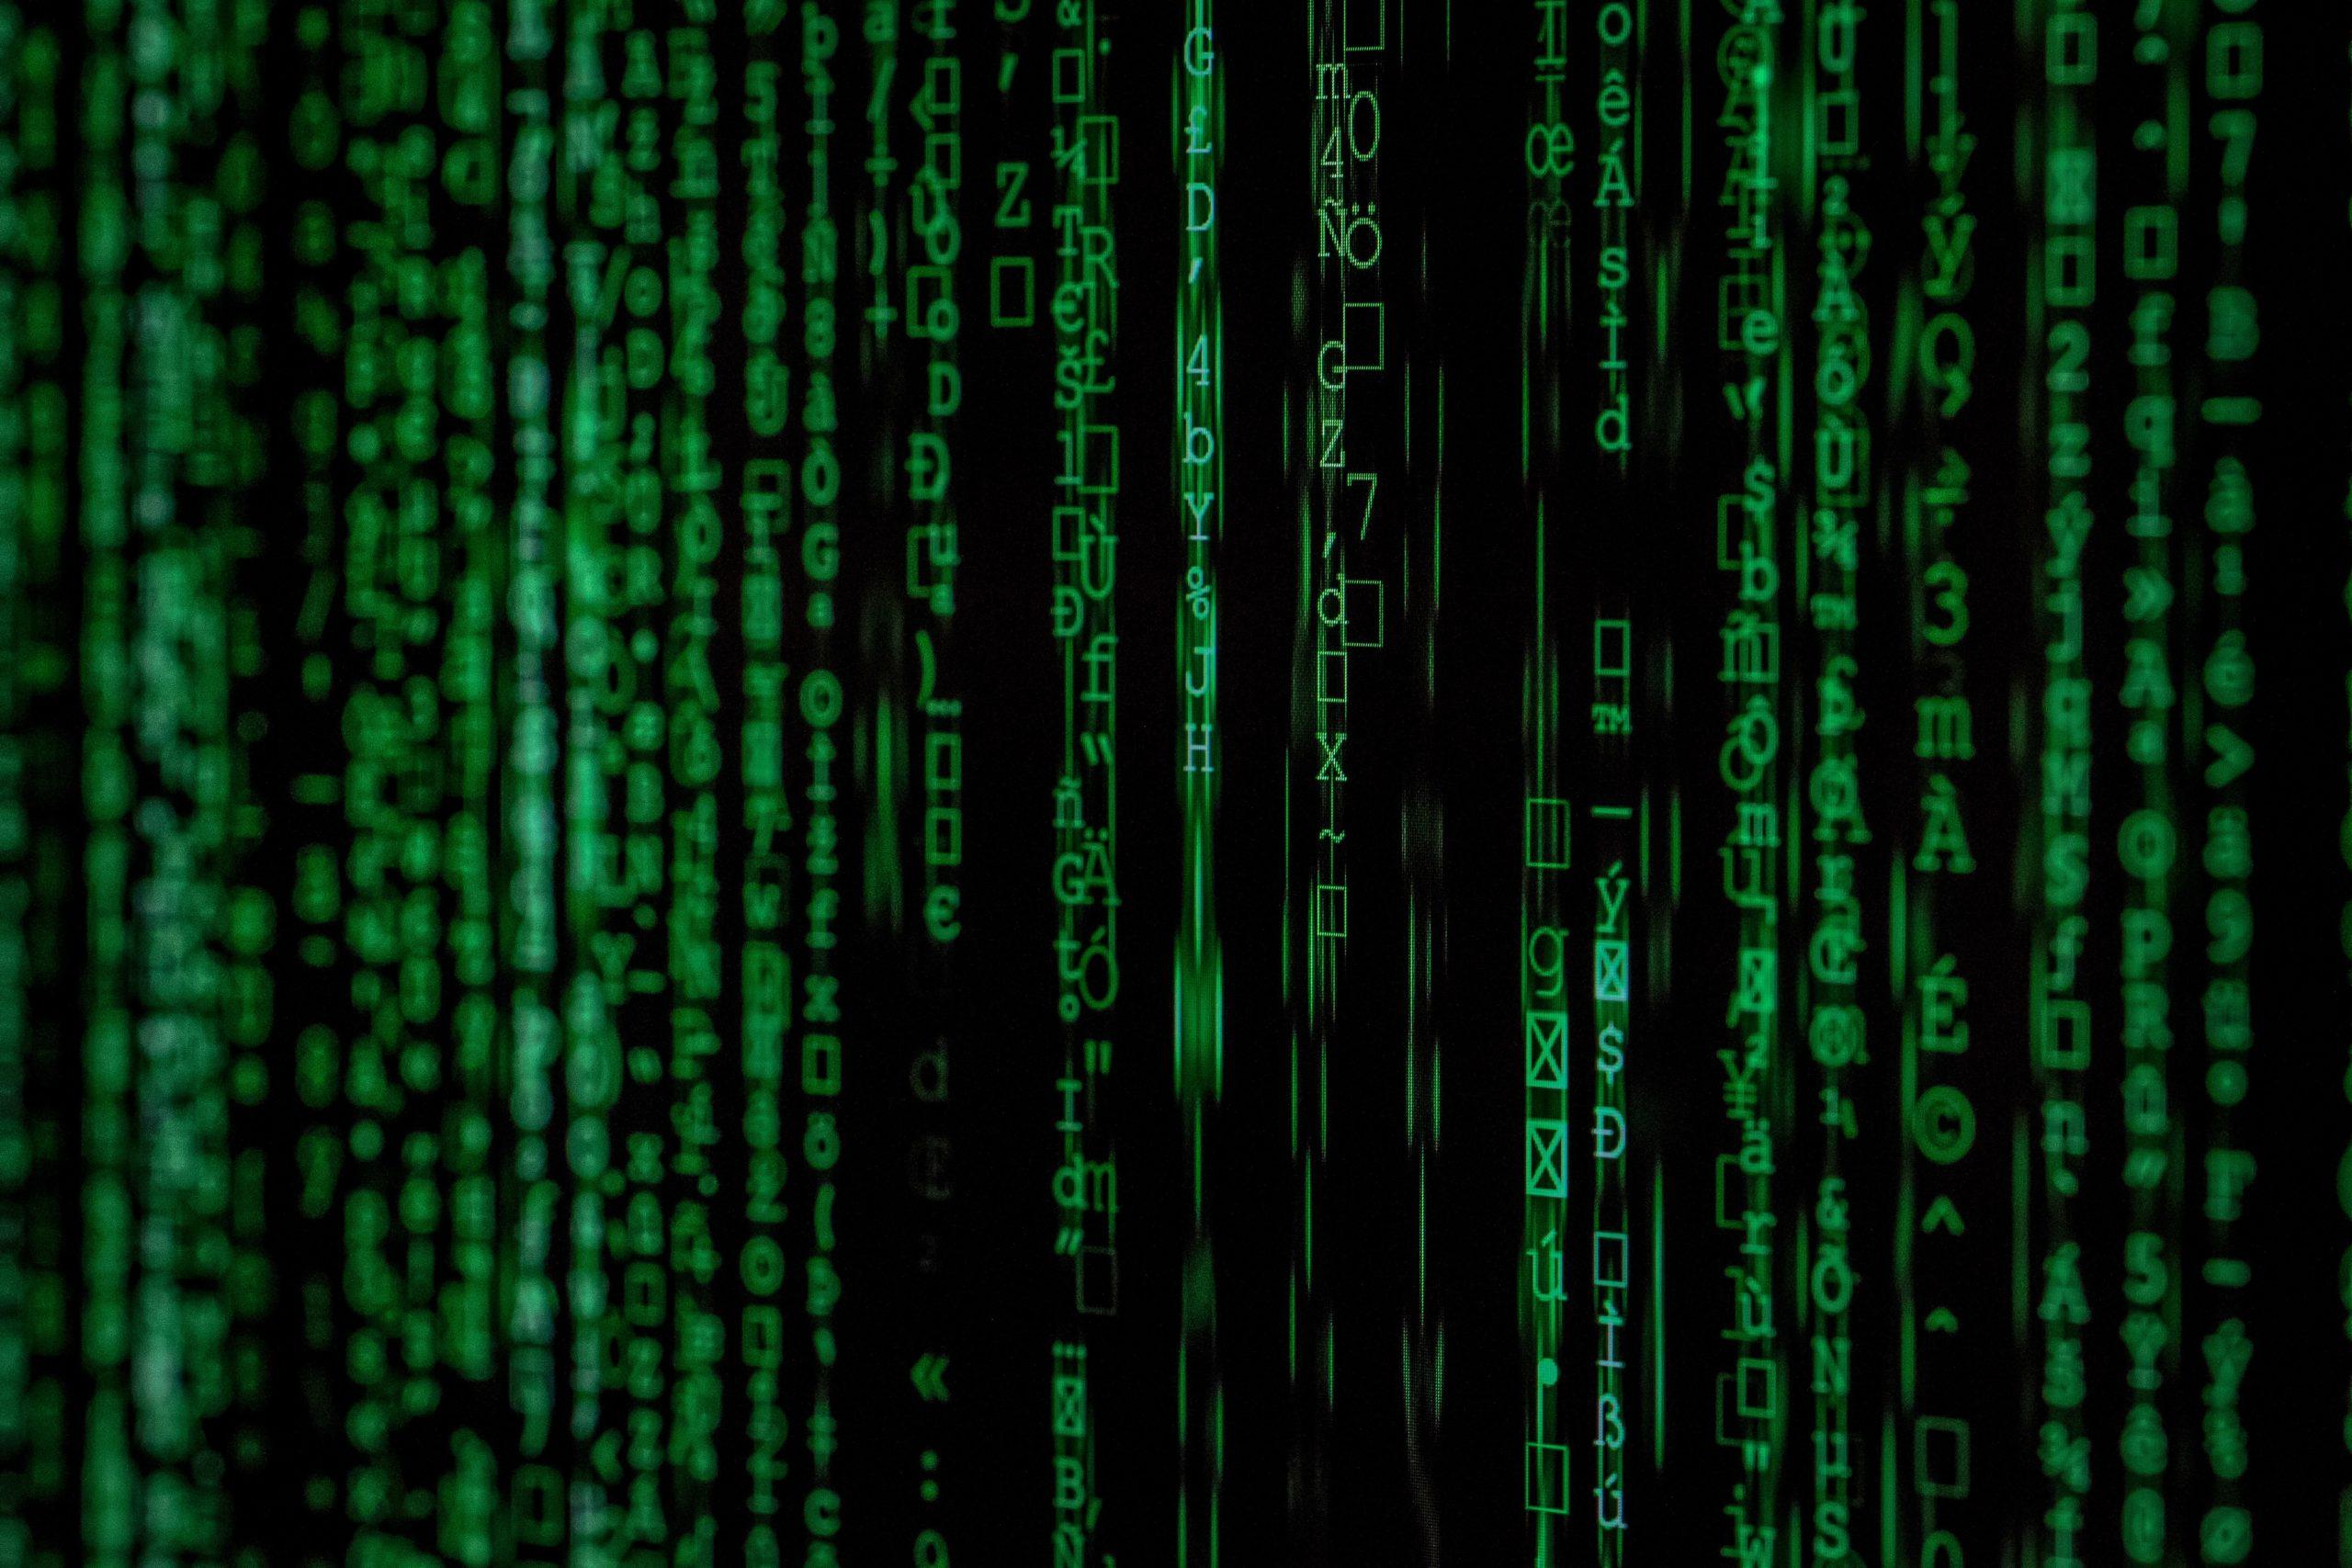 Ethereum upbit hack featured image